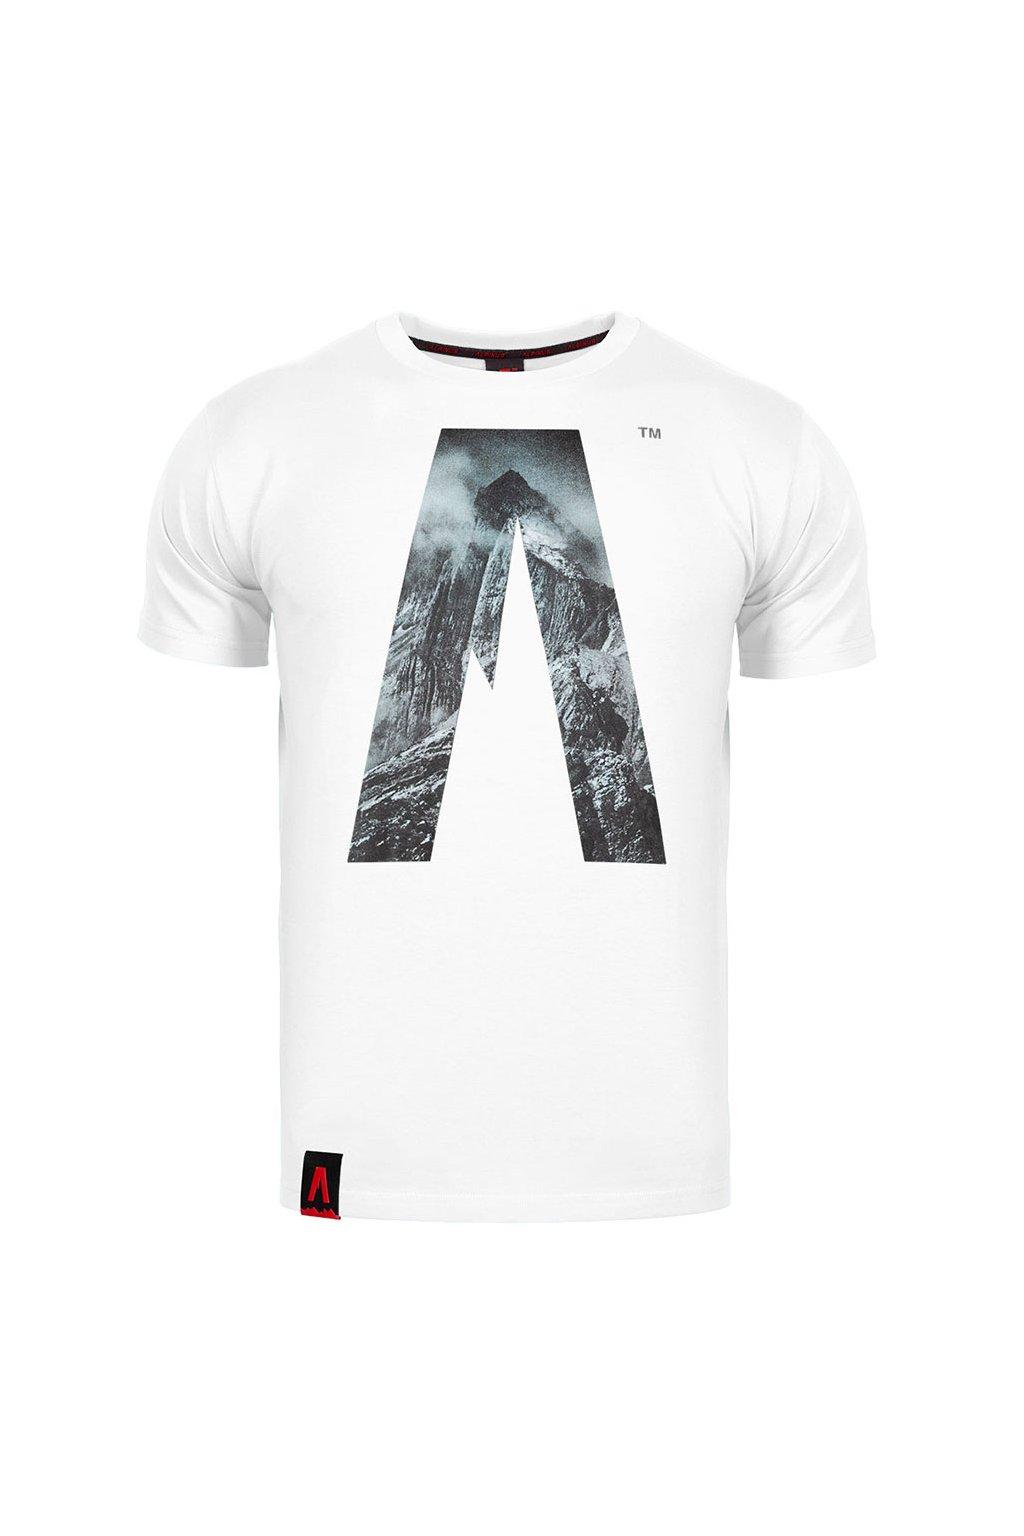 Pánske tričko Alpinus Peak biele ALP20TC0039